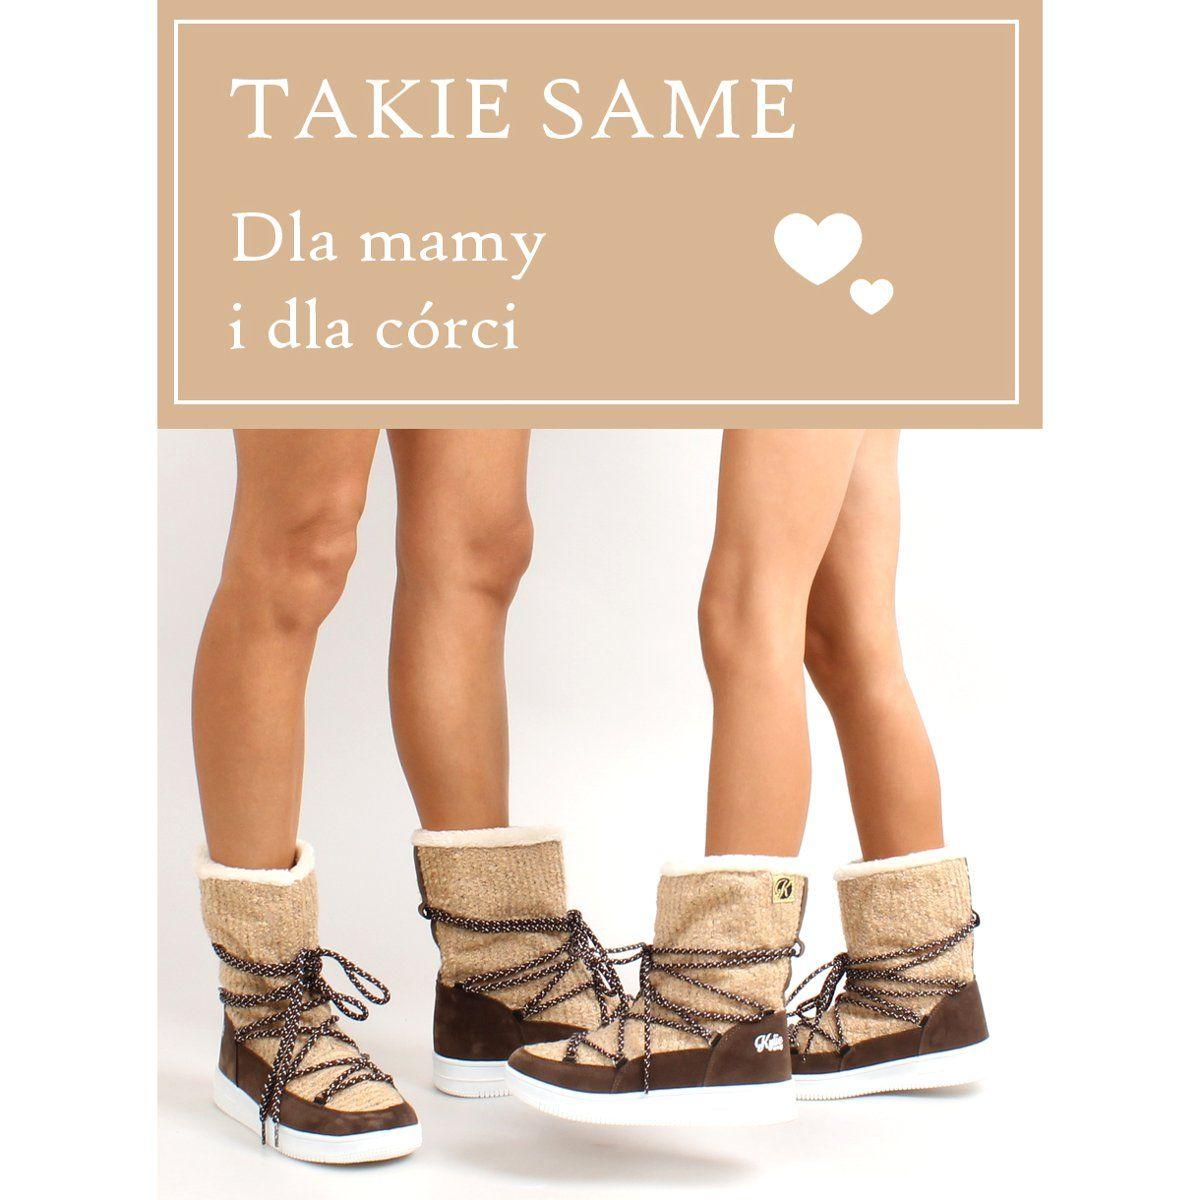 Kozaczki Dla Dzieci Obuwiedamskie Brazowe Dzieciece Sniegowce Eskimoski K1646102 Beig Obuwie Damskie Kid Shoes Beige Sporty Chic